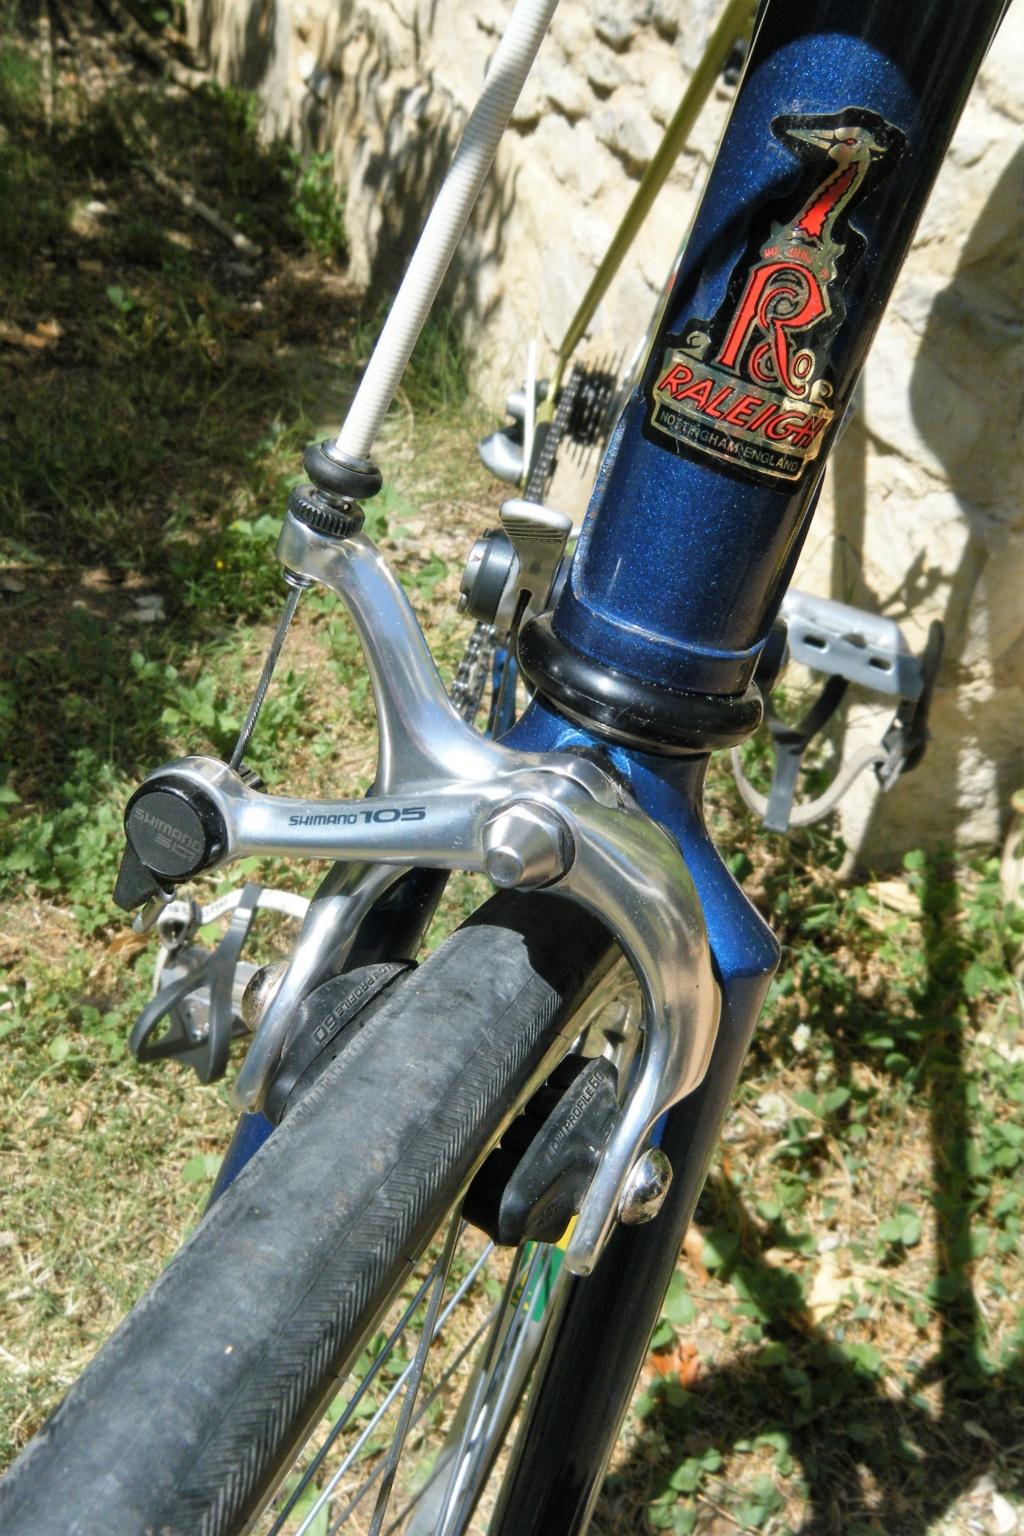 raleigh GIRO reynolds 501 3 tubes 1987 shimano 105 Dscf0027